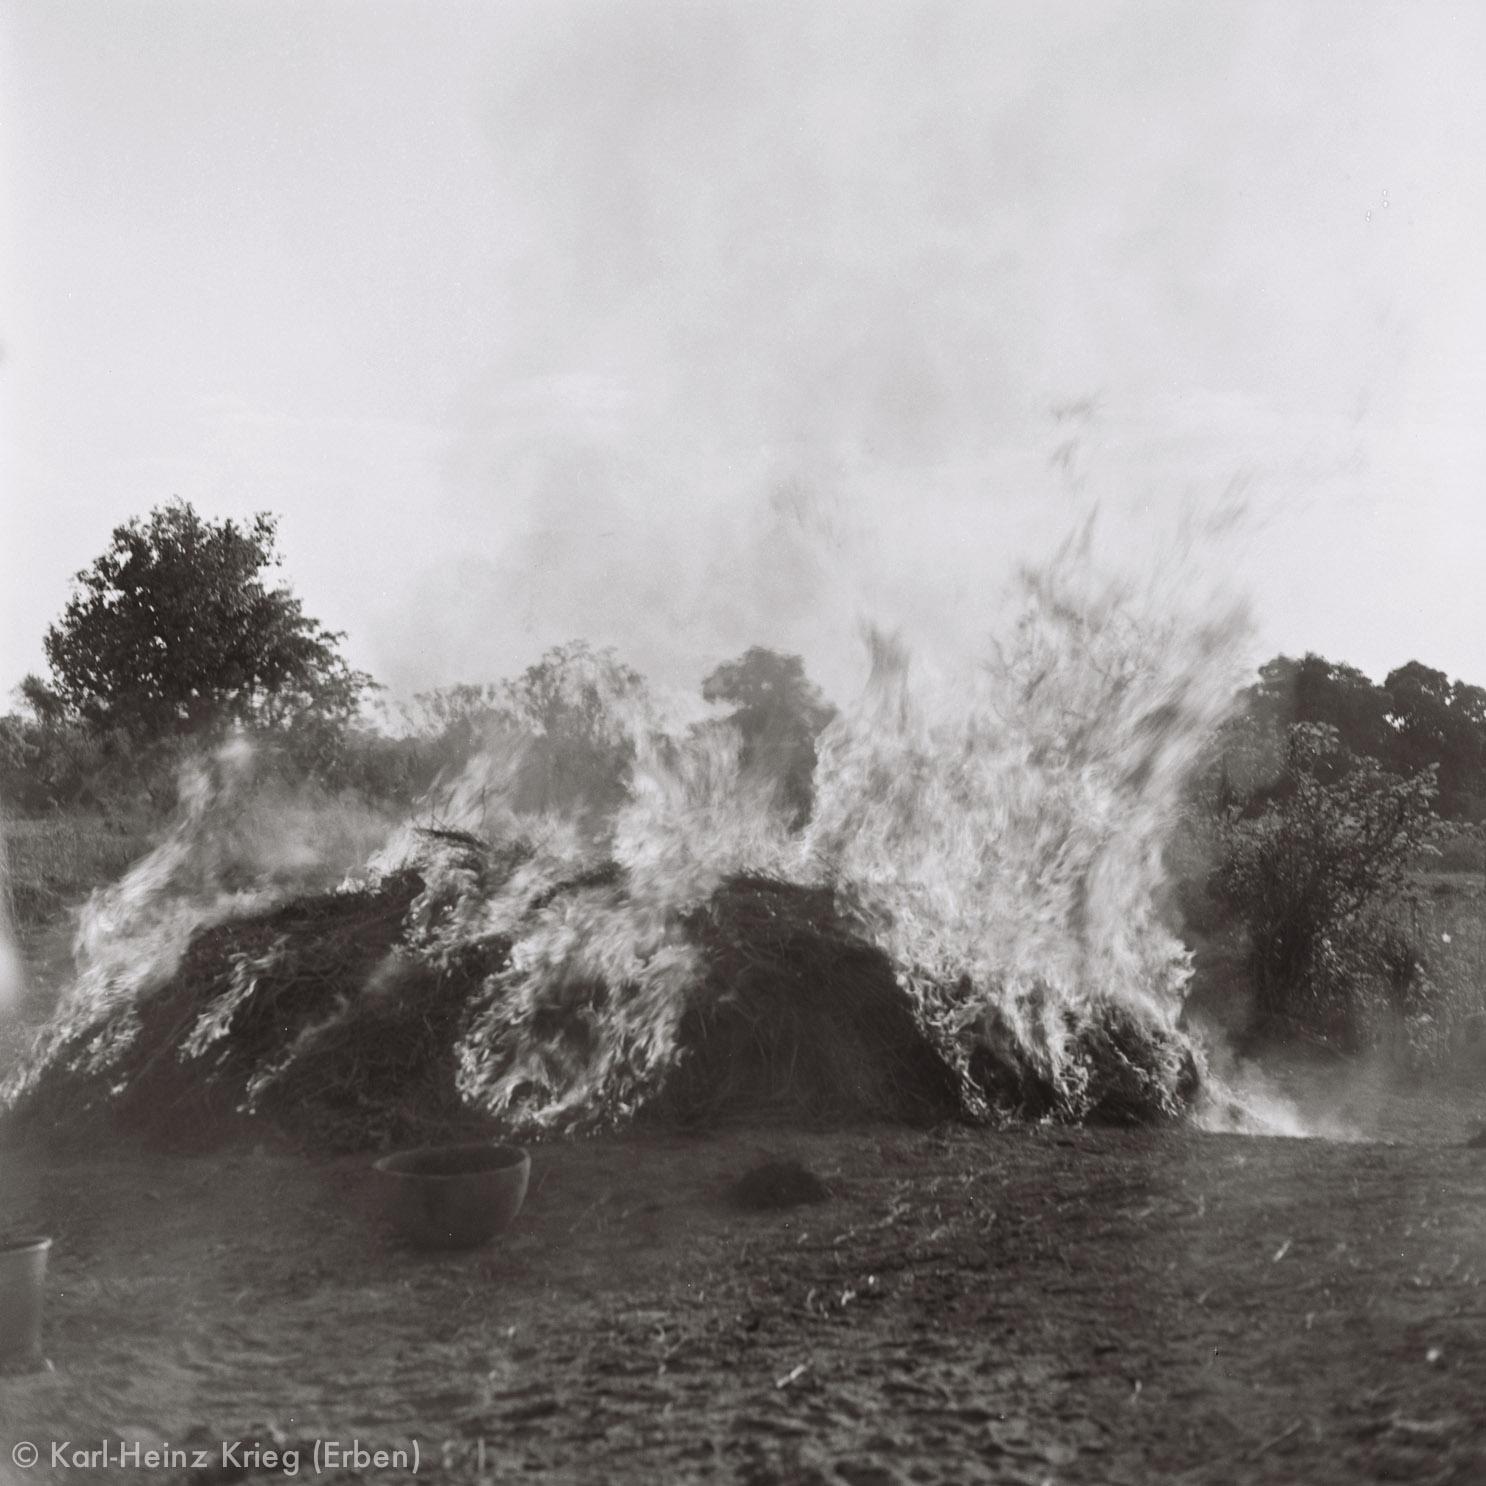 Das Brennen dauert ca. 30 Minuten. Foto: Karl-Heinz Krieg, Zekaha (Region von Boundiali, Côte d'Ivoire), 1977